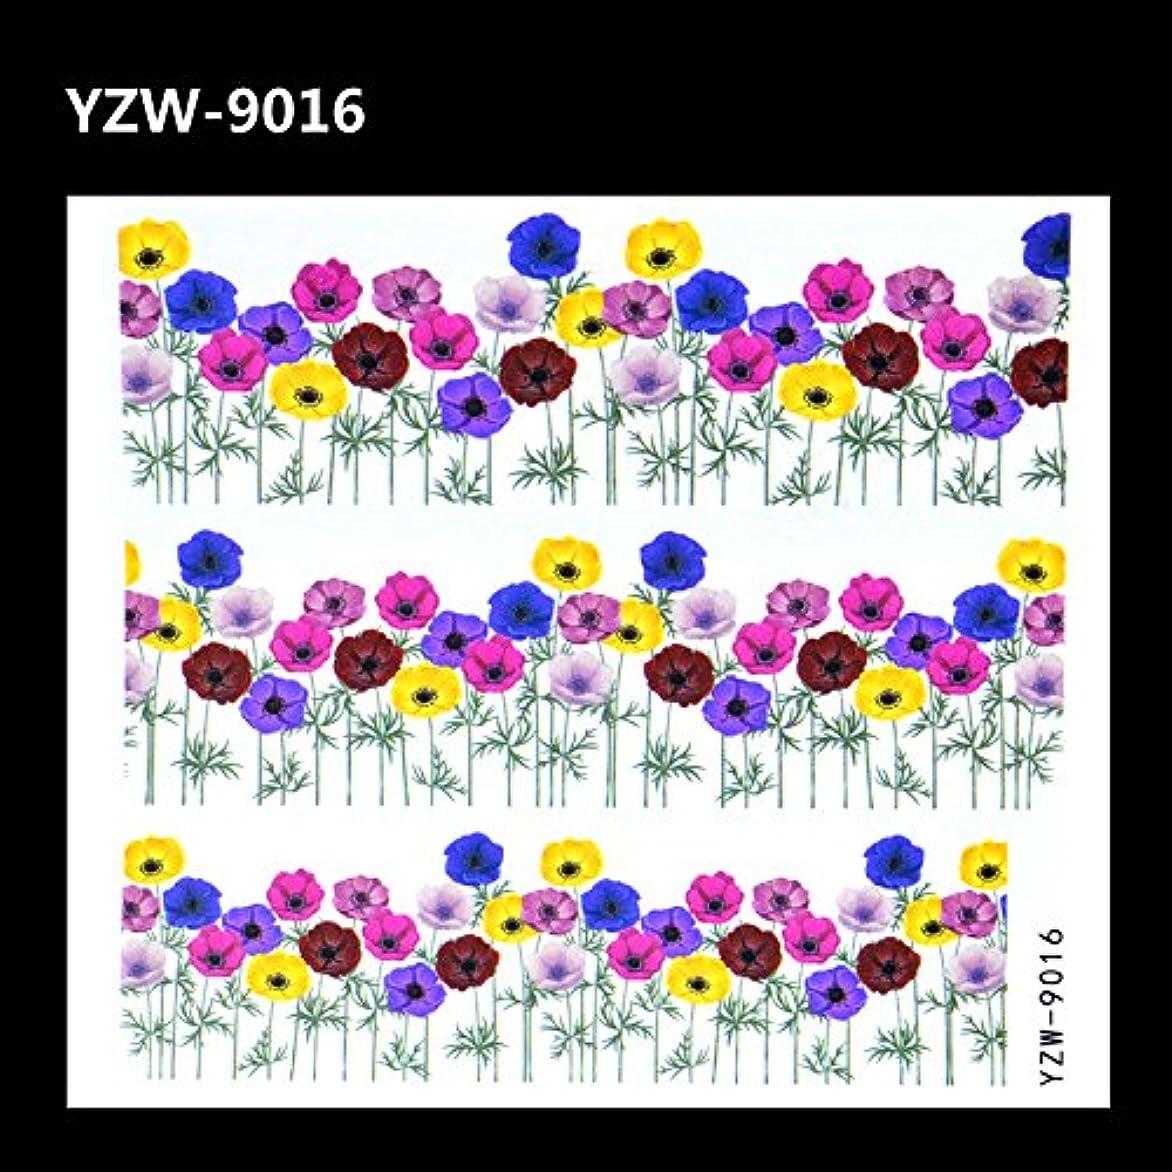 ペニー混雑語SUKTI&XIAO ネイルステッカー 1シート美容水転写ネイルステッカーカラフルな花柄デカールtaattoo用ネイルアートのヒント装飾ツール